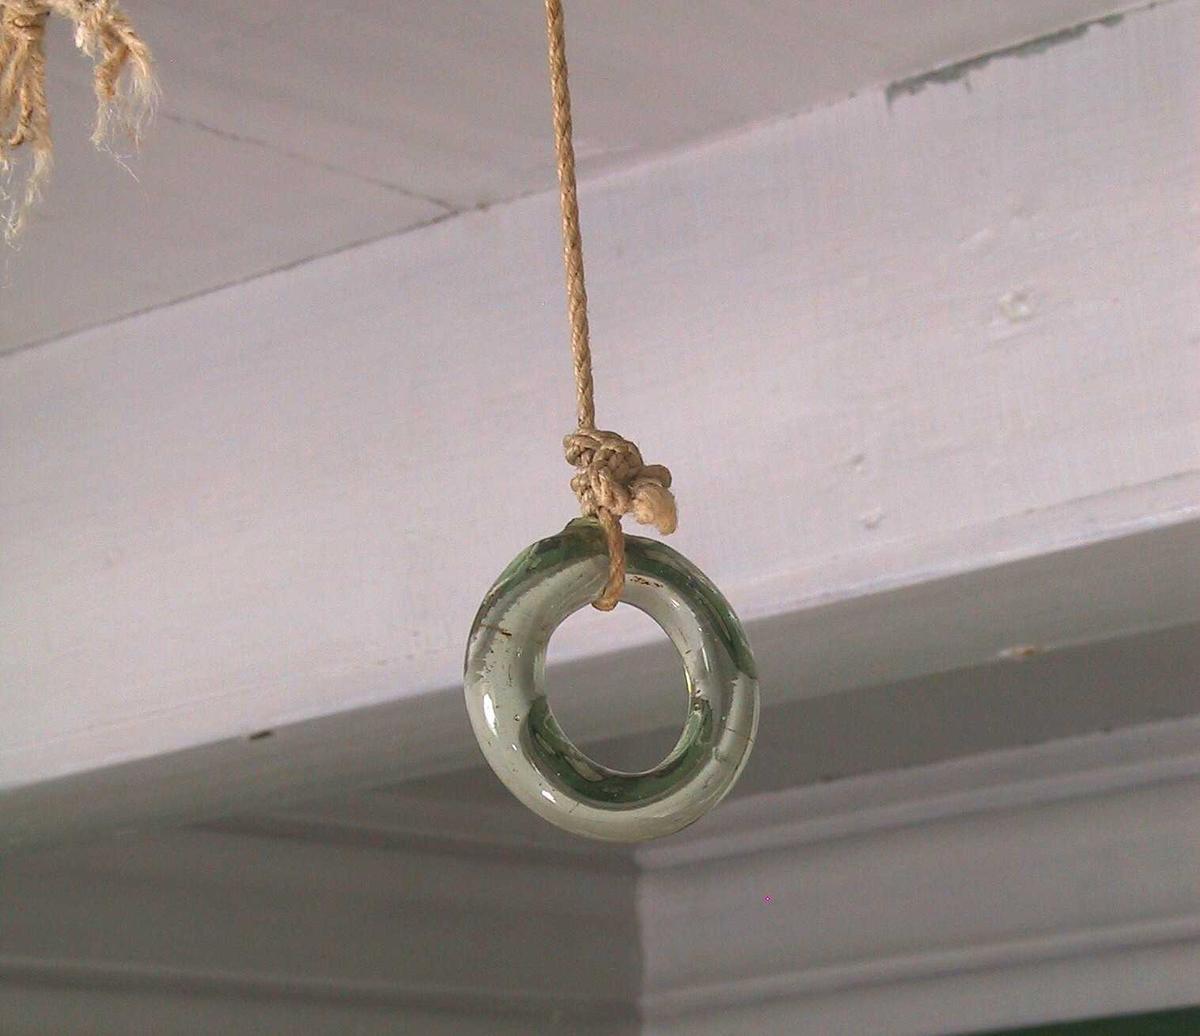 Ringeklokke plassert i kjøkkenet, med glassring under taket i dagligstuen, rommet ved siden av.  Jern, aluminiumsmalt.  Liten klokke med dråpeformet knevel, festet i buet flat jernstang med snor festet i taket inn til dagligstuen, h av en ring (nedre del avbrukket). Tilstand: rust under malingen.